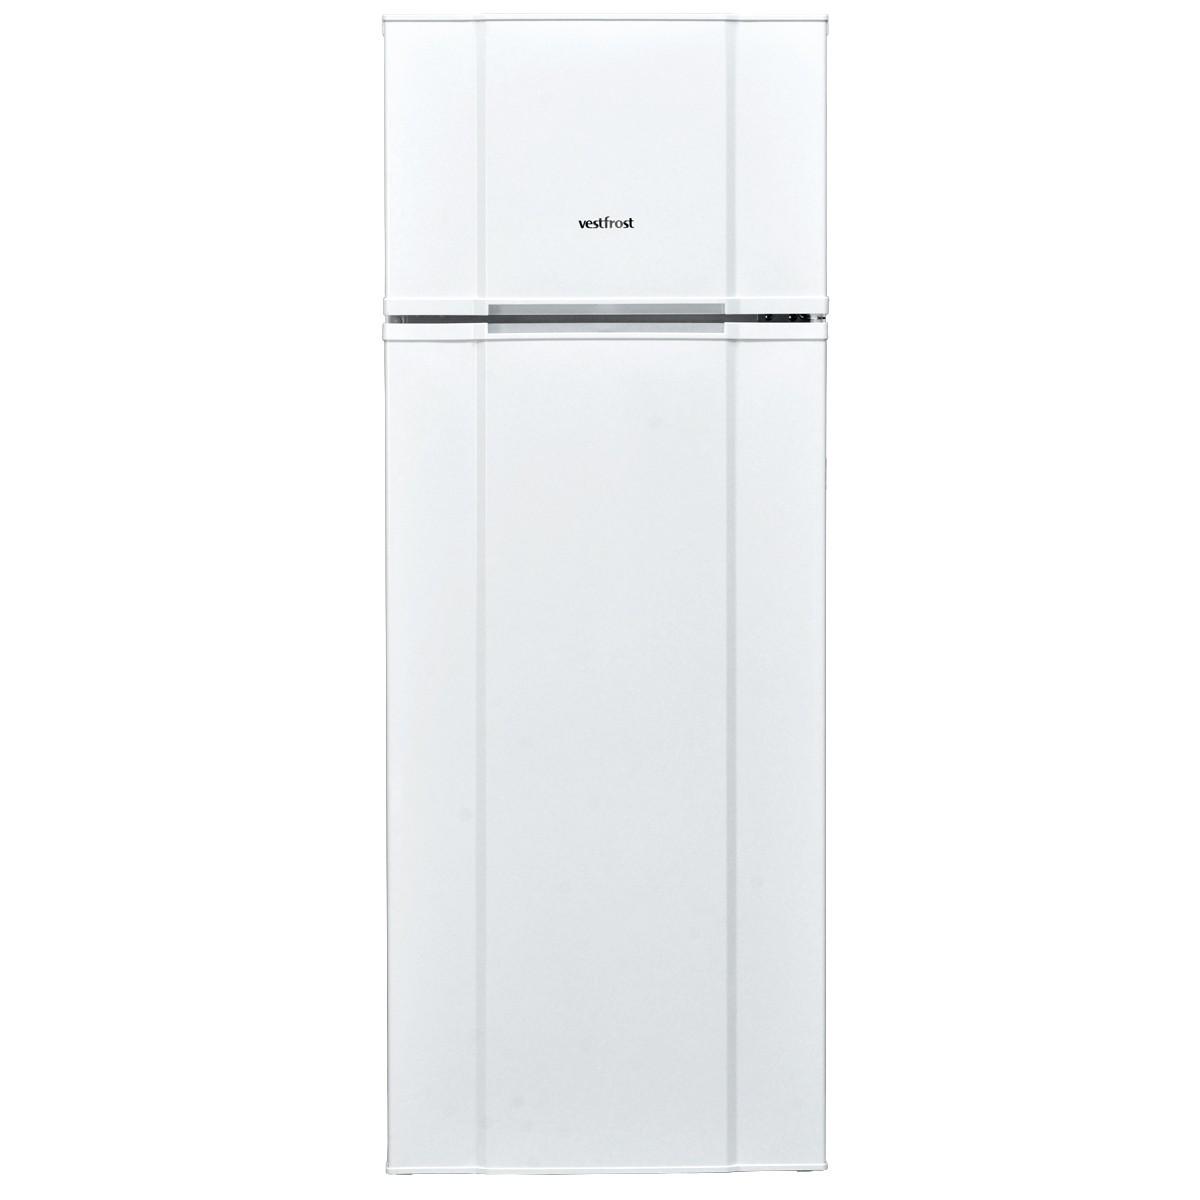 Уложиться в бюджет_холодильники_ч1 - холодильник vestfrost